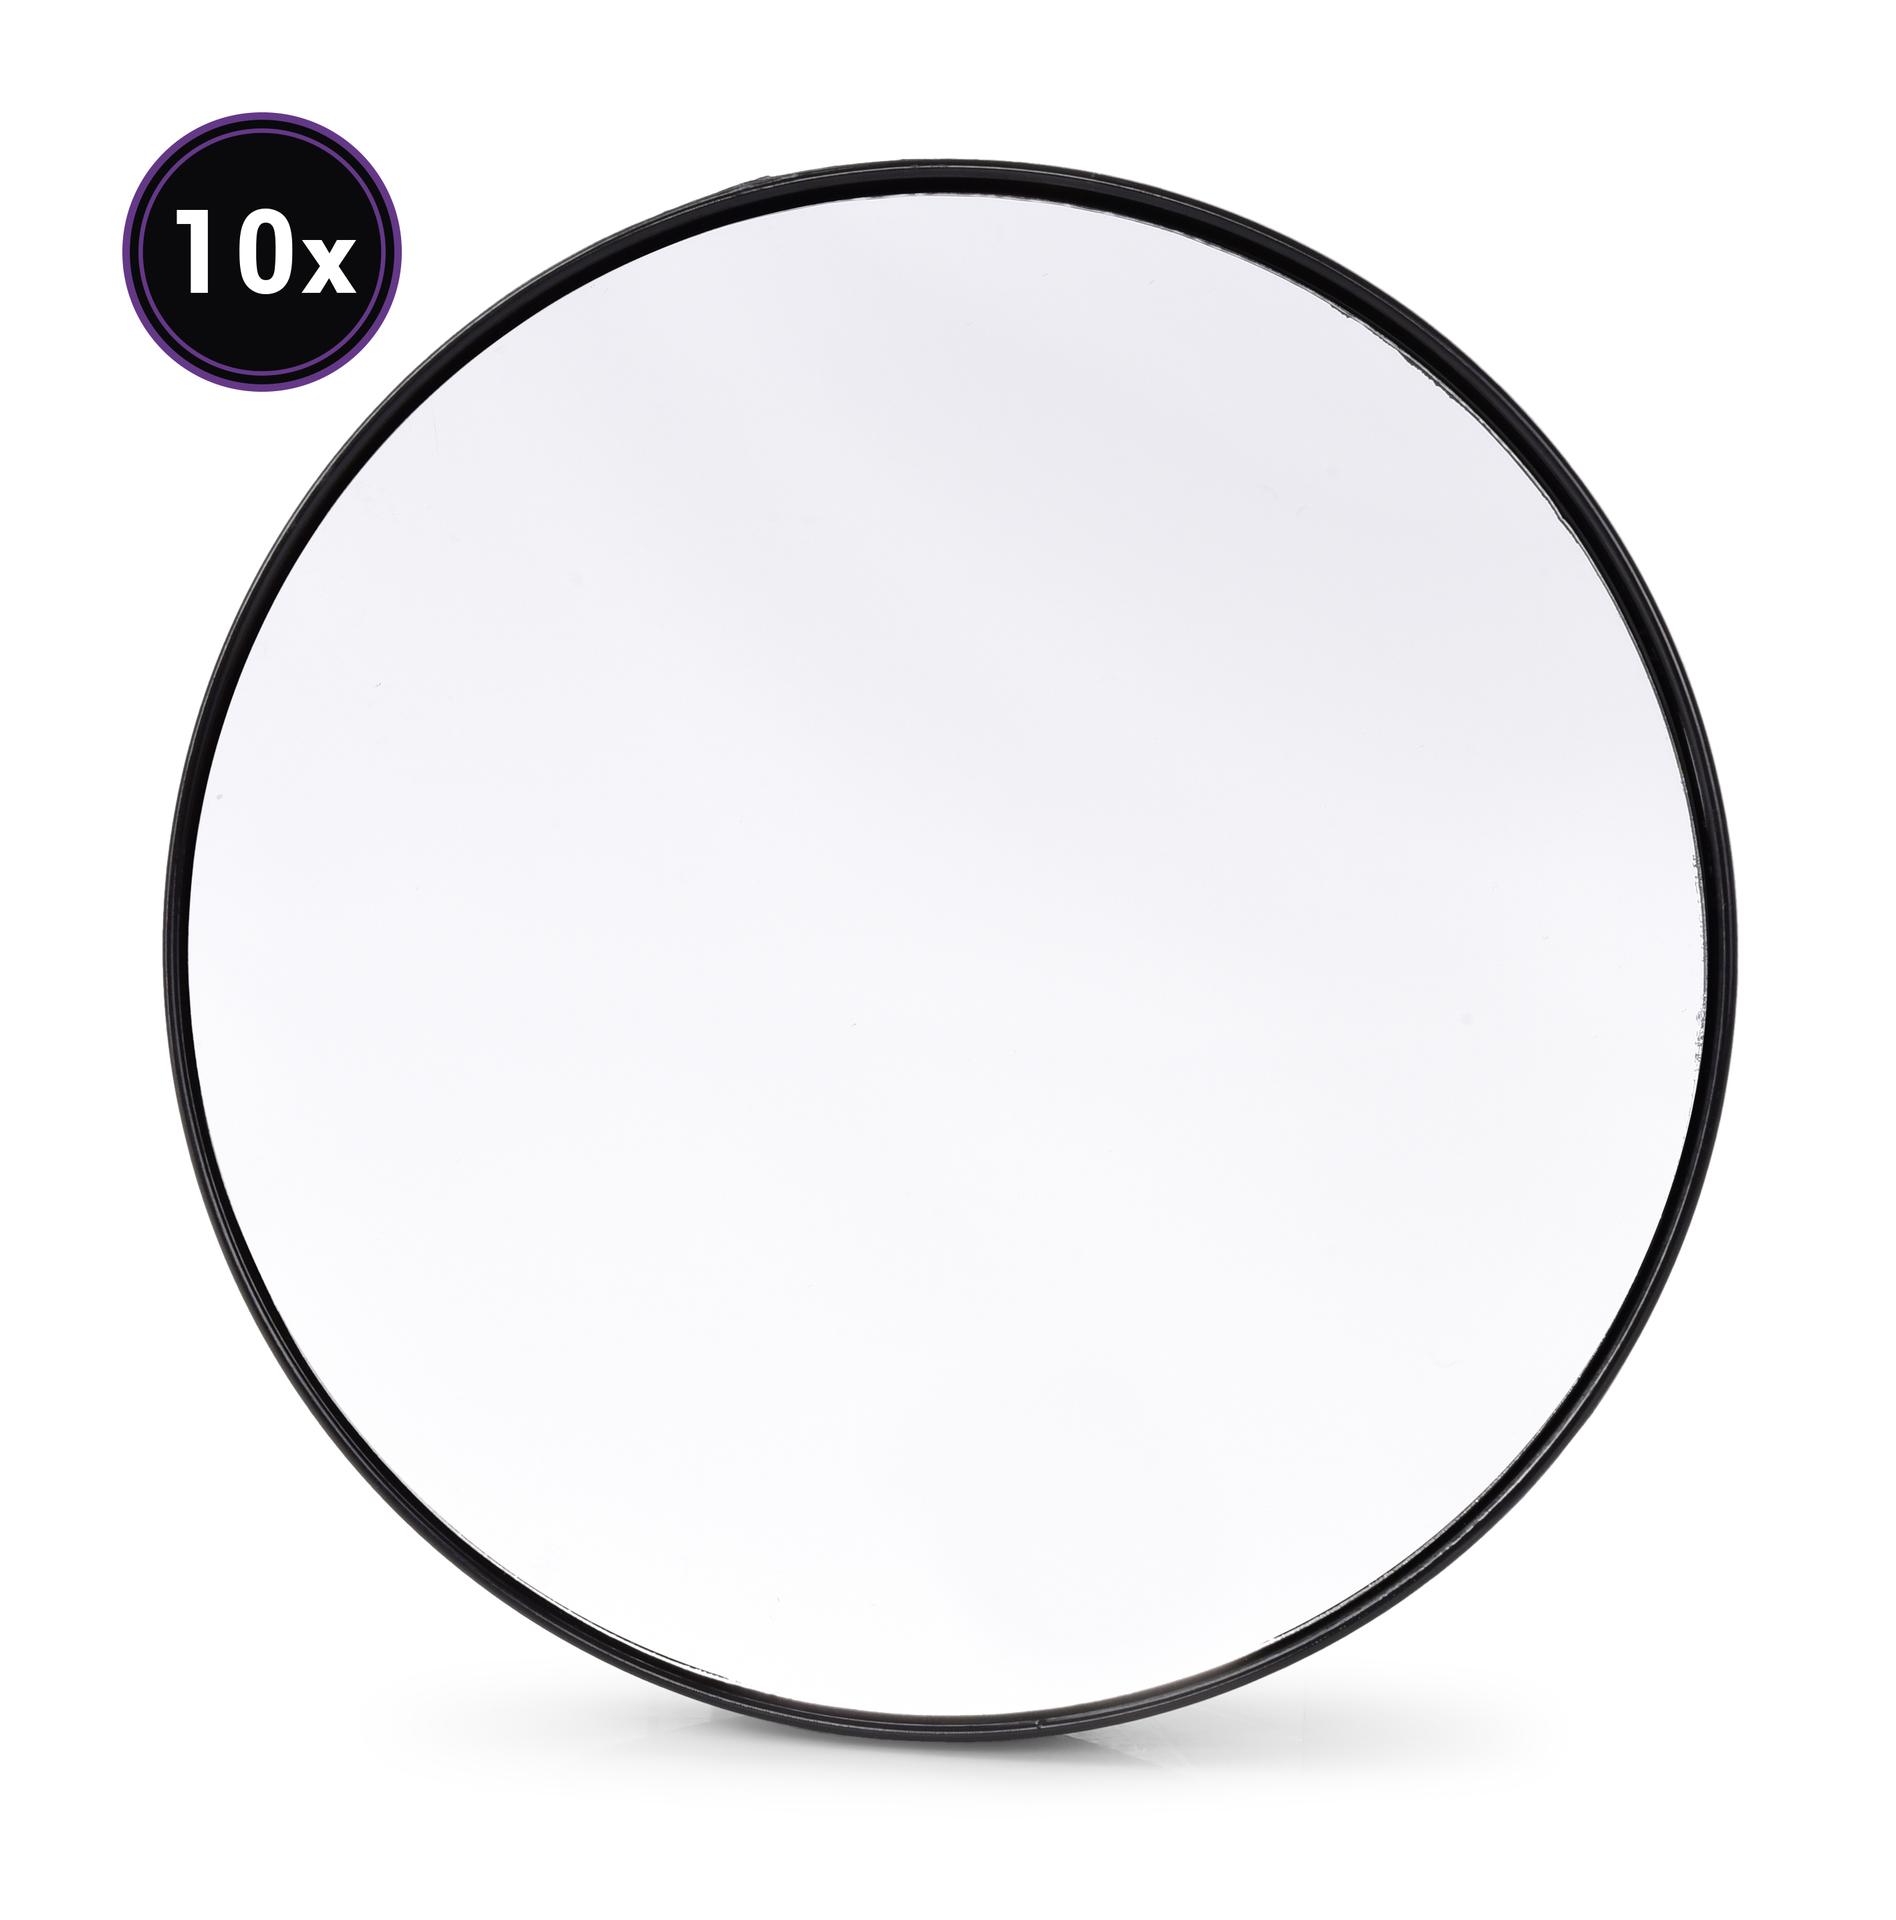 10 krát zvětšovací kosmetické zrcátko s přísavkami, 10x zvětšuje